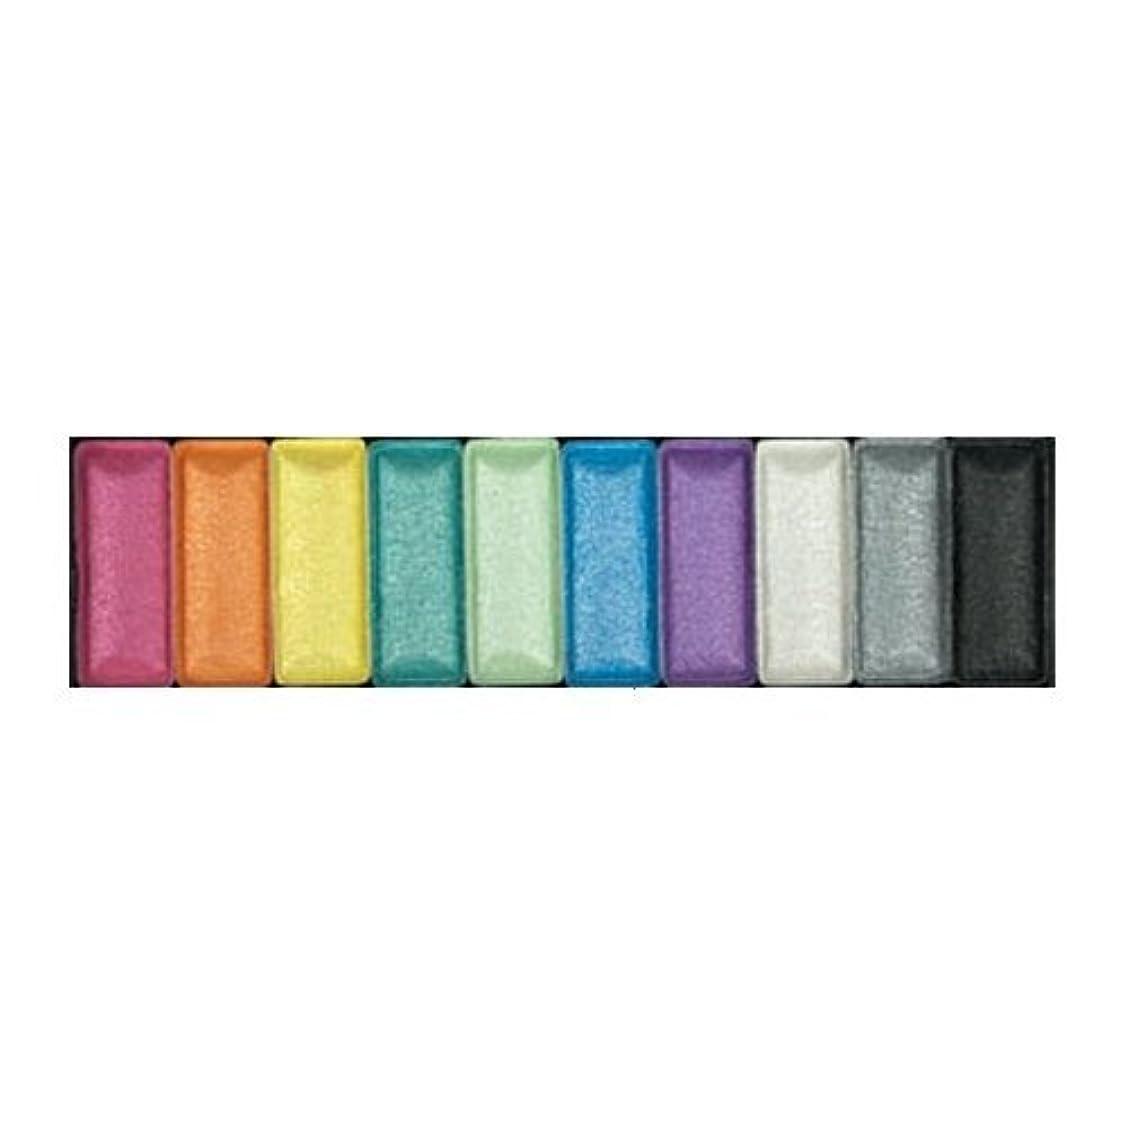 変数私たち自身拘束LA GIRL High Definition 10 Color Palette - Colorsurge (並行輸入品)